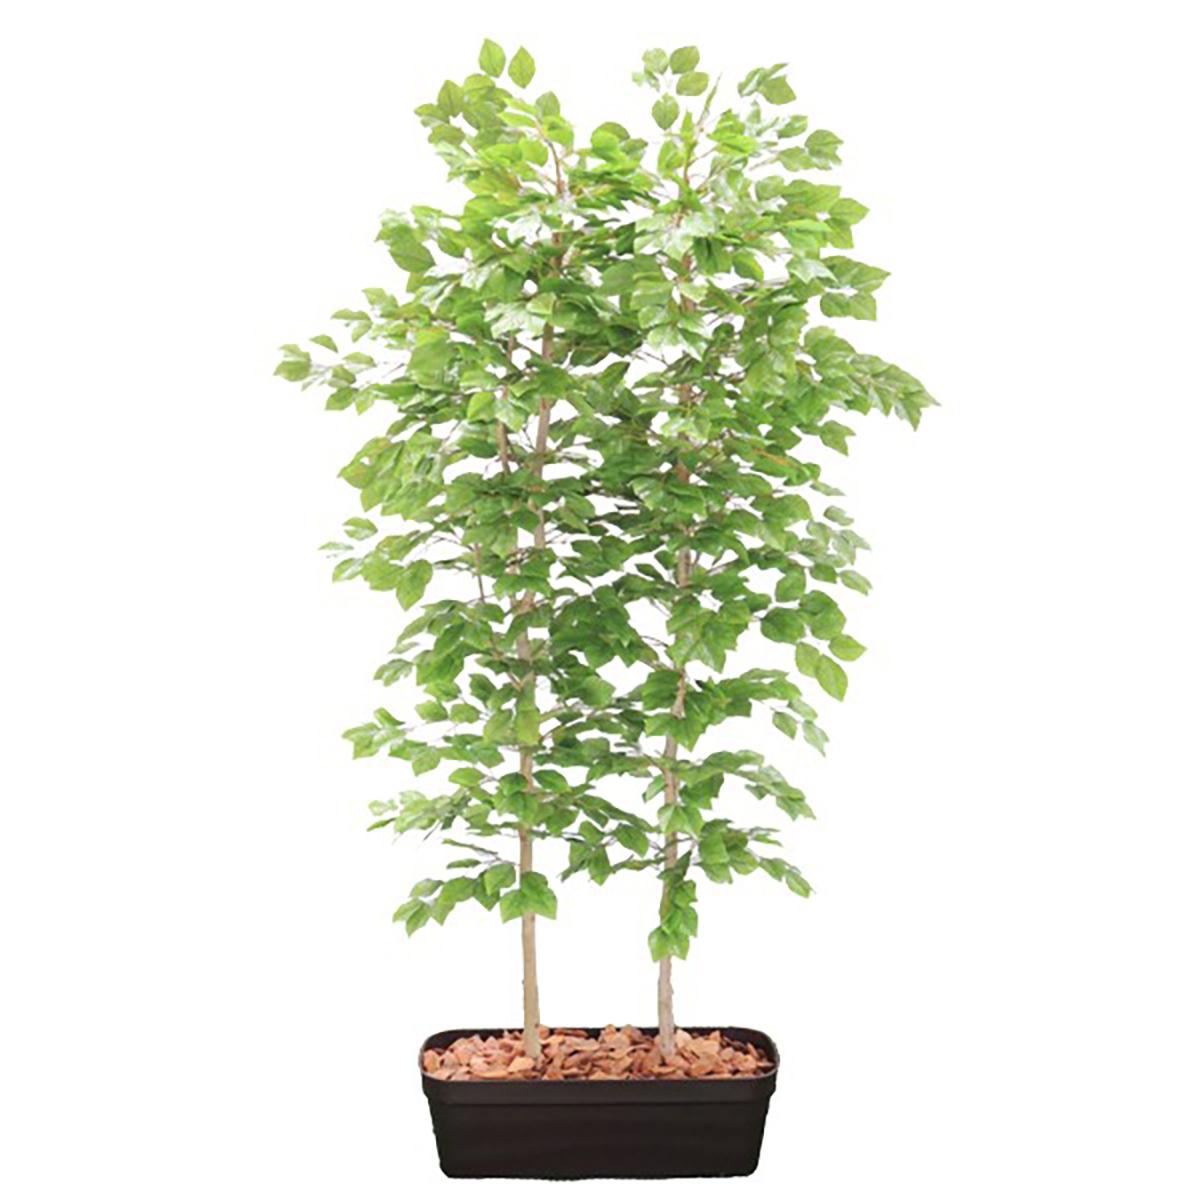 独特な  H1800mm ブナの木パーテーション HBKD-2-025 観葉植物 オフィスグリーン フェイクグリーン インテリアグリーン:R.F.YAMAKAWA-花・観葉植物